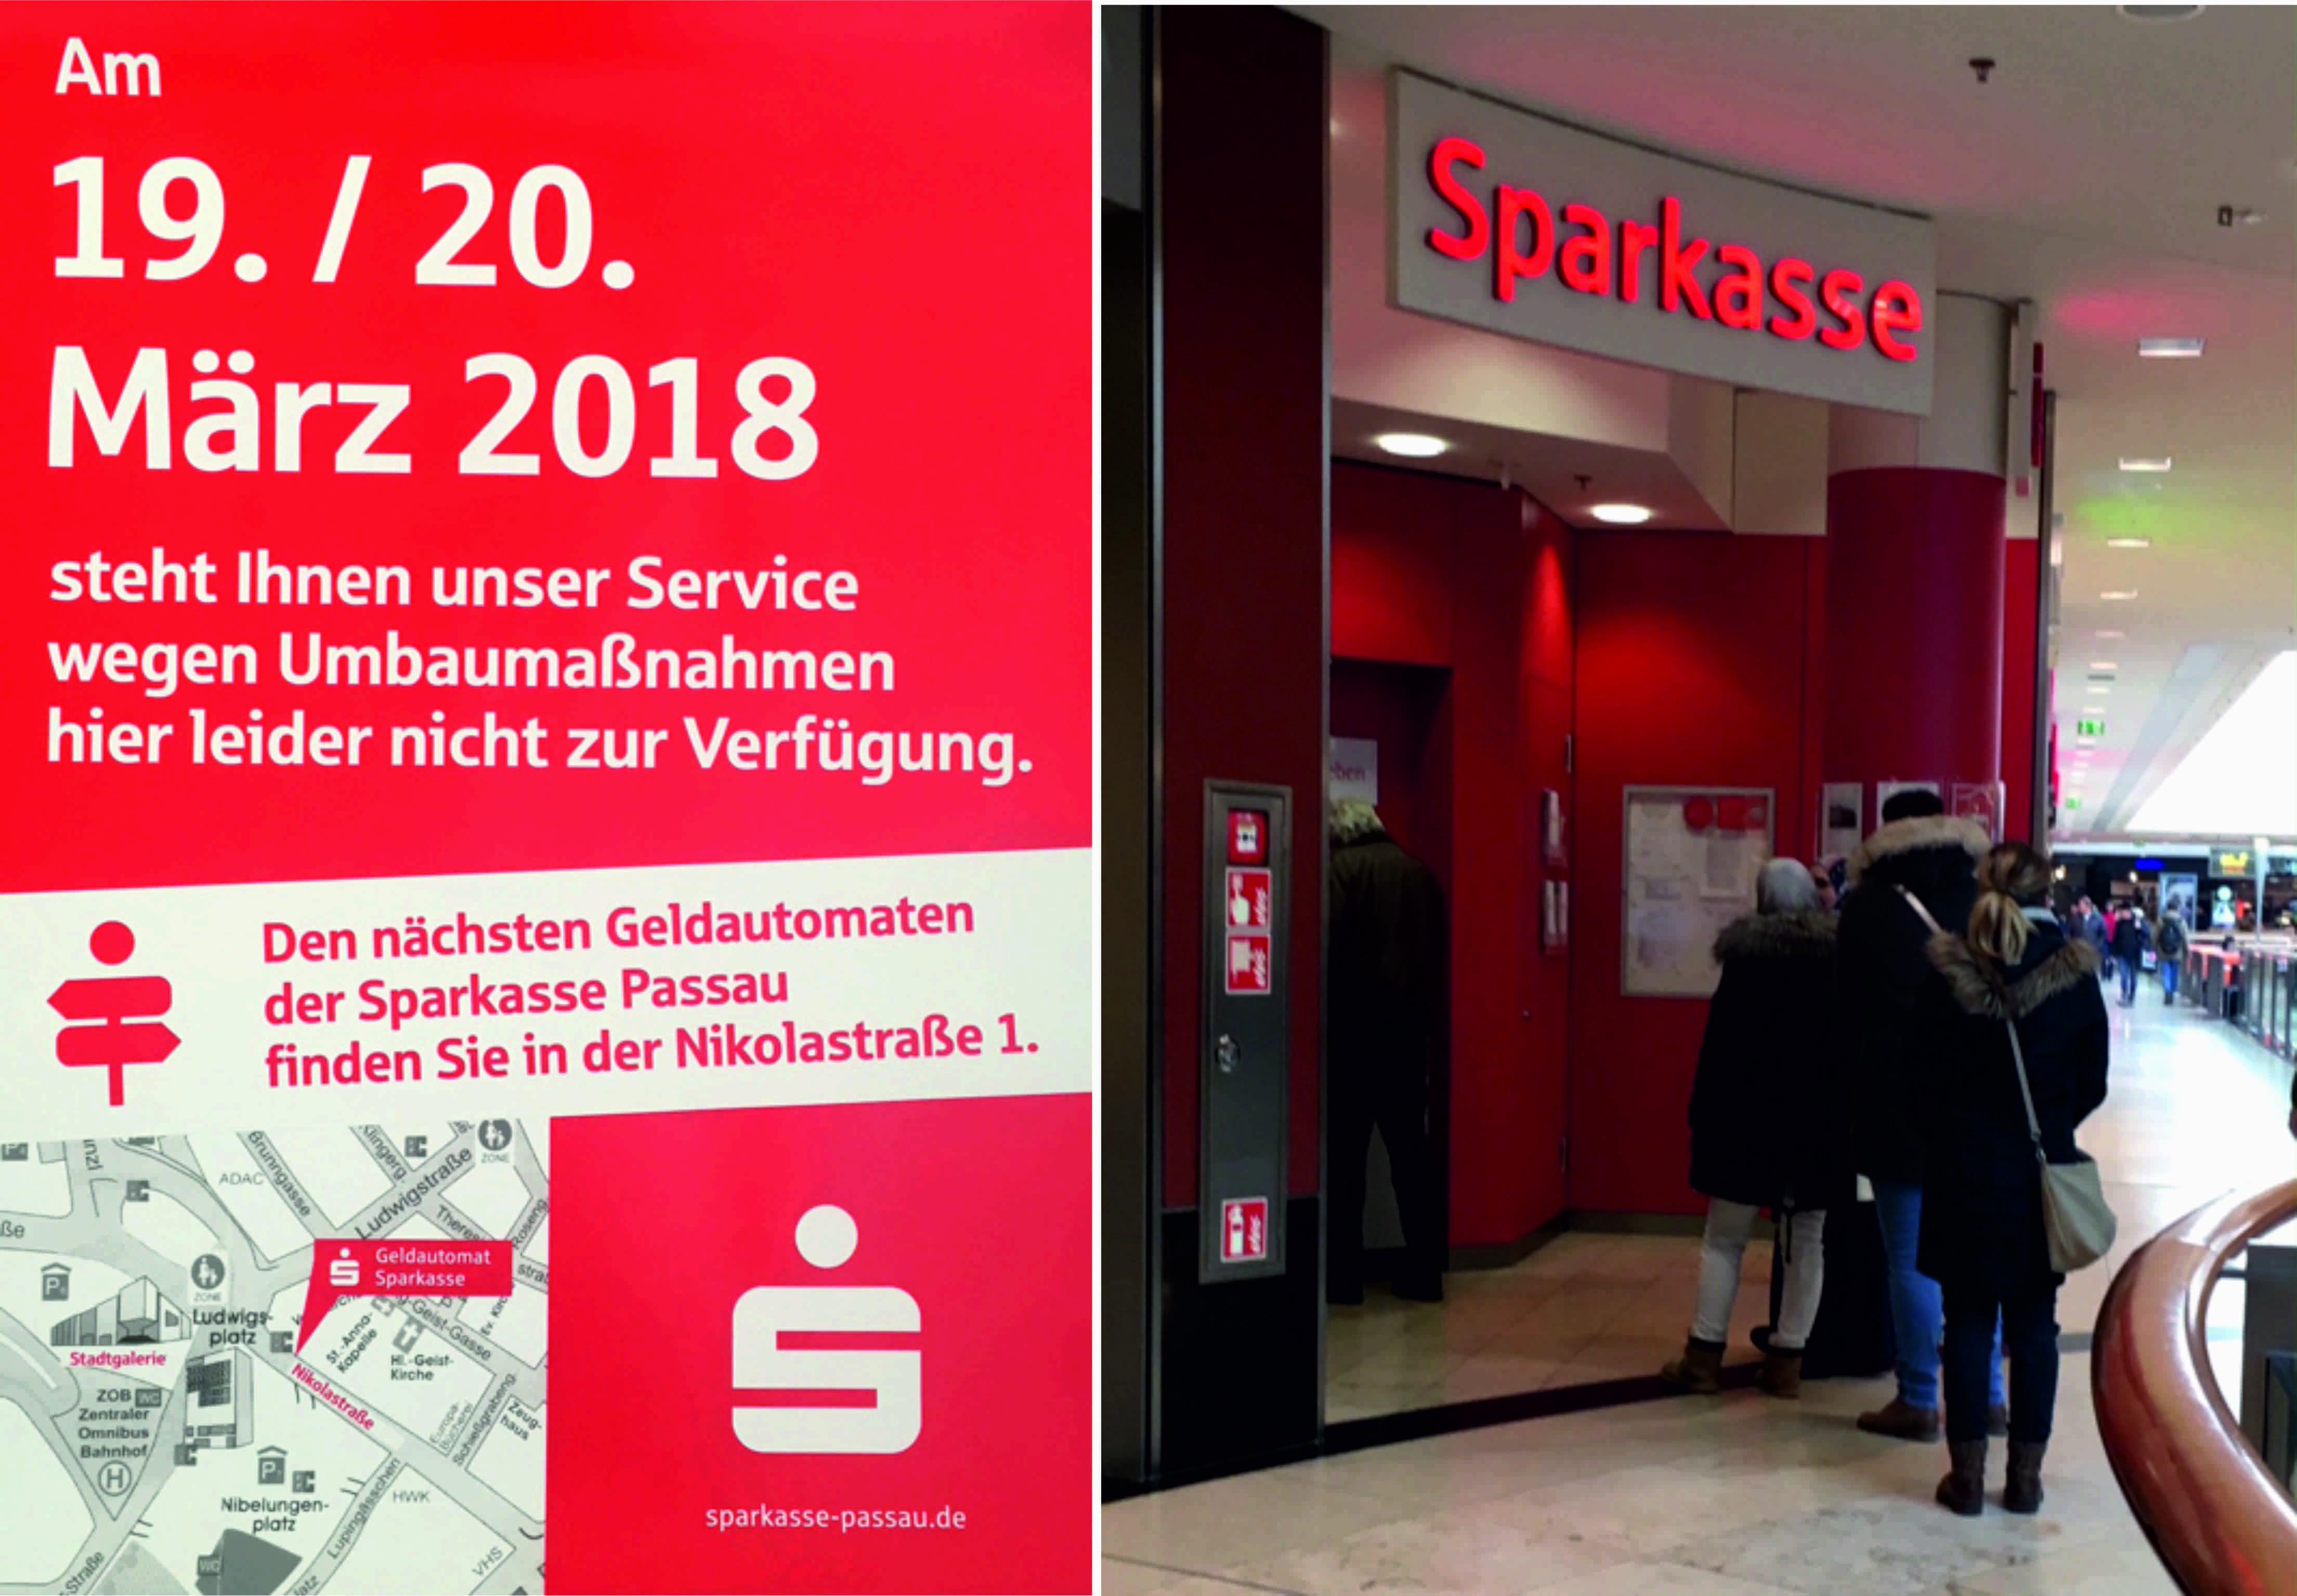 Sparkasse installiert zweiten Geldautomaten in der Stadtgalerie